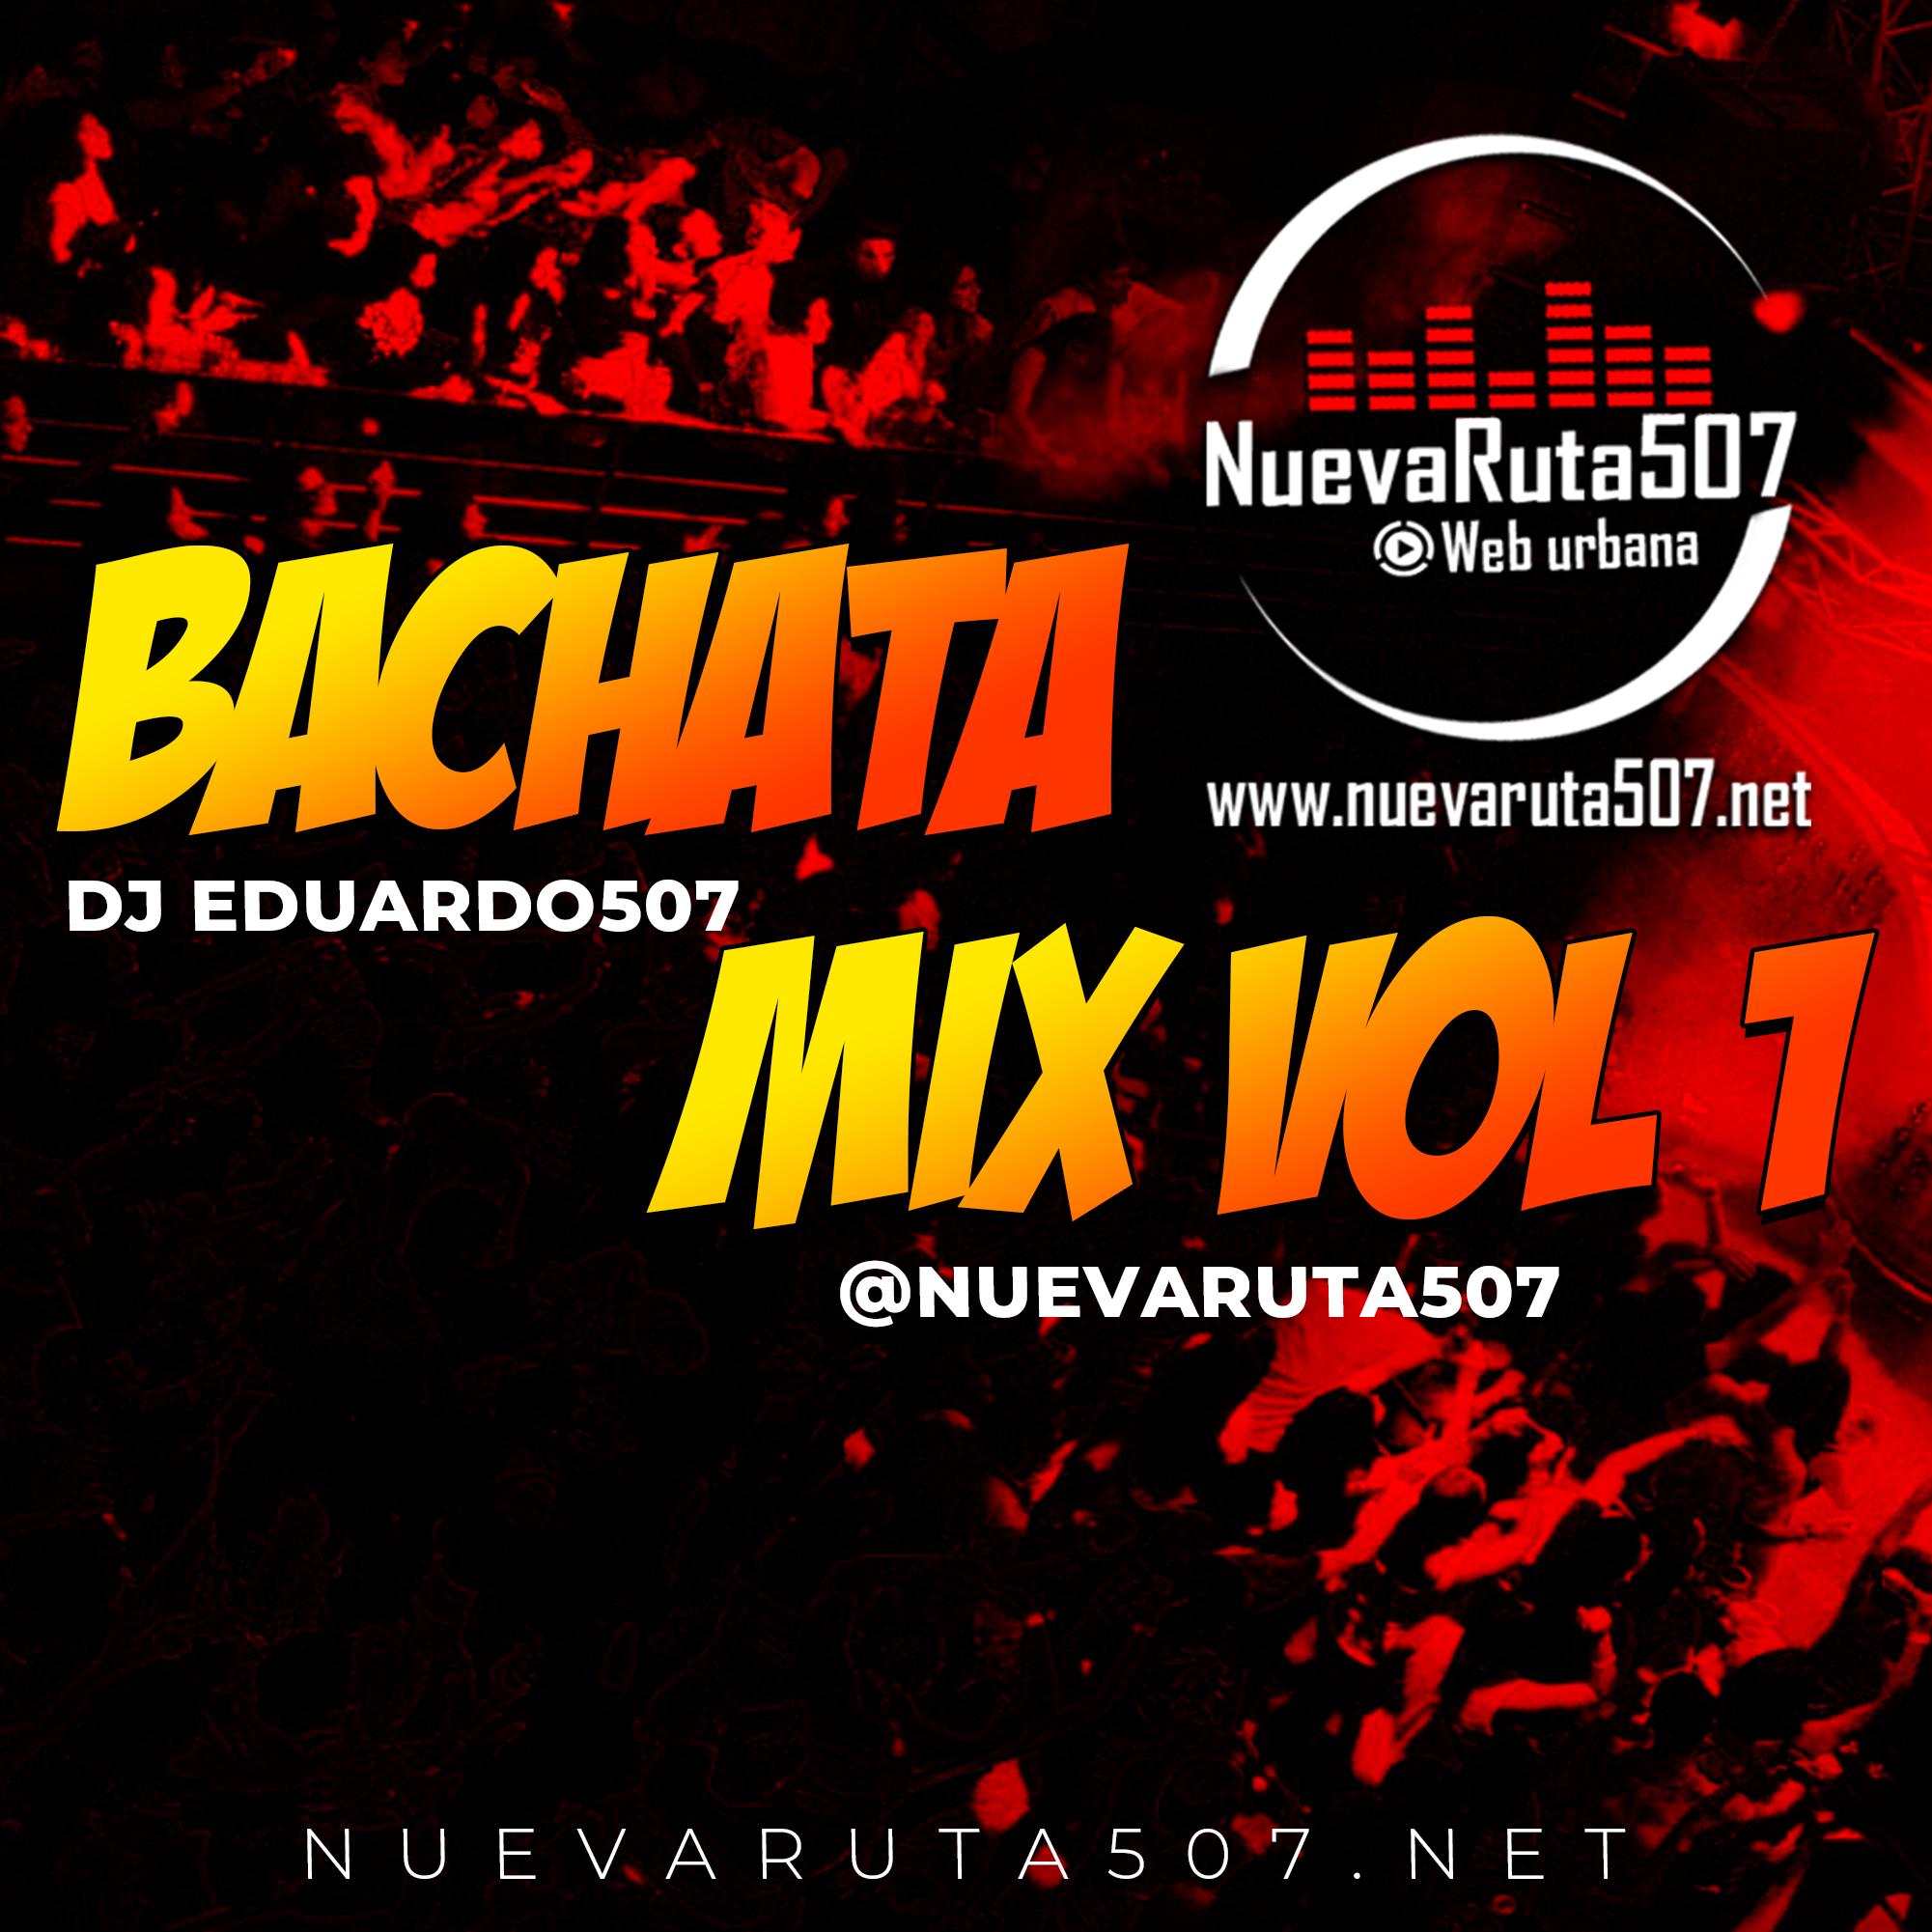 Descargar: @DjEduardo507 - Bachata Mix Vol1 mp3